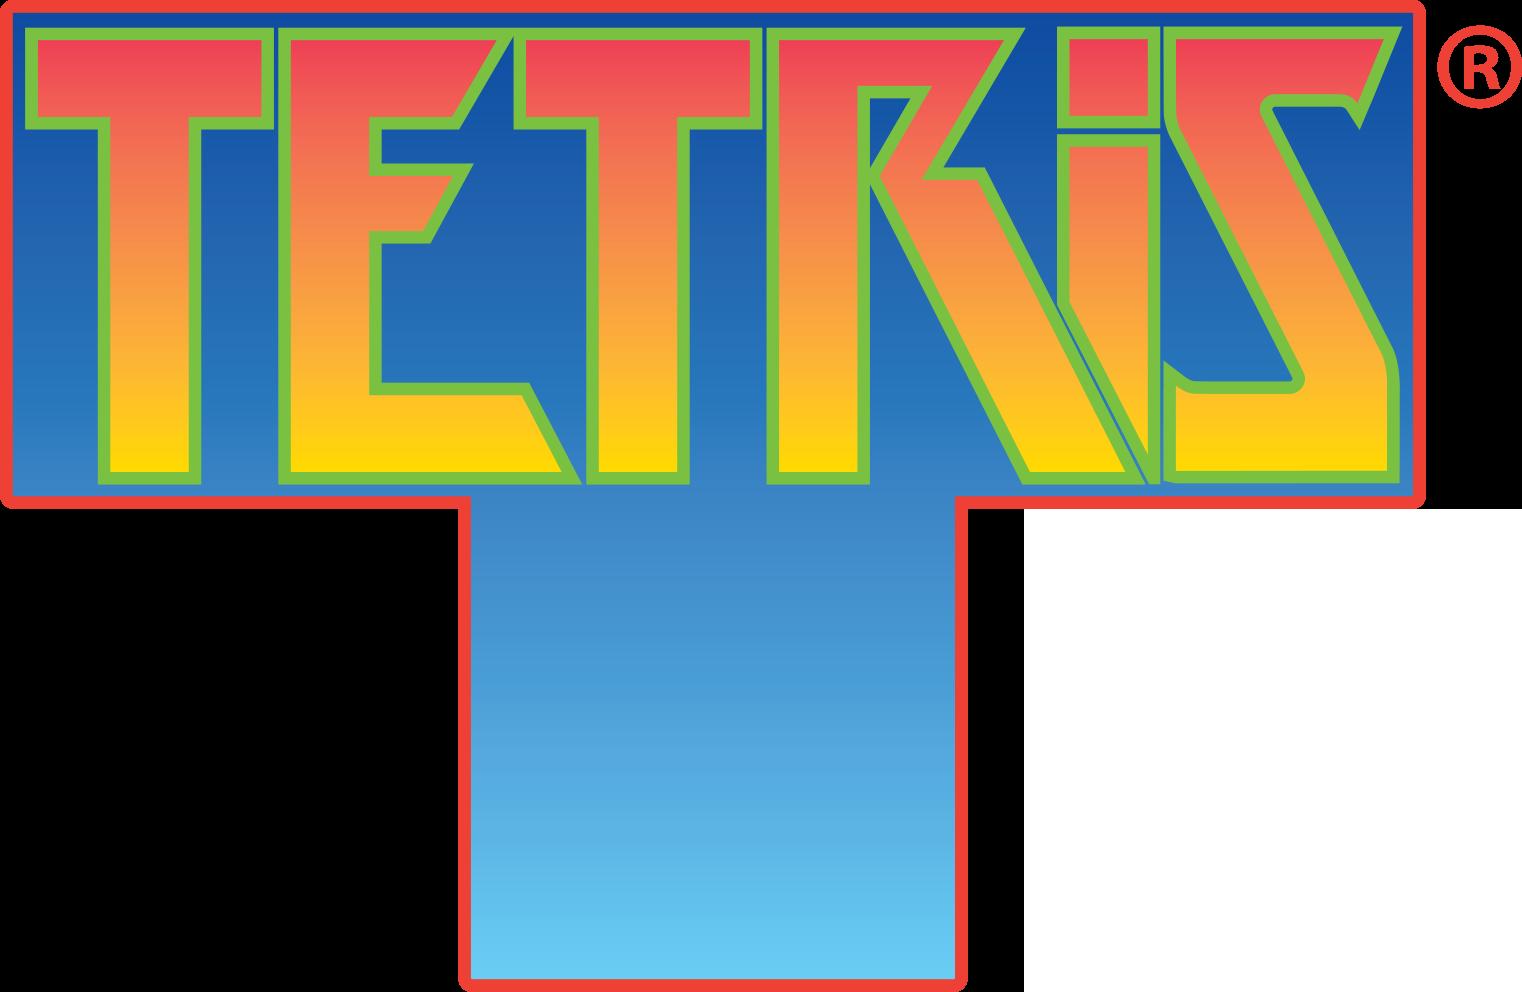 tetris juego logo